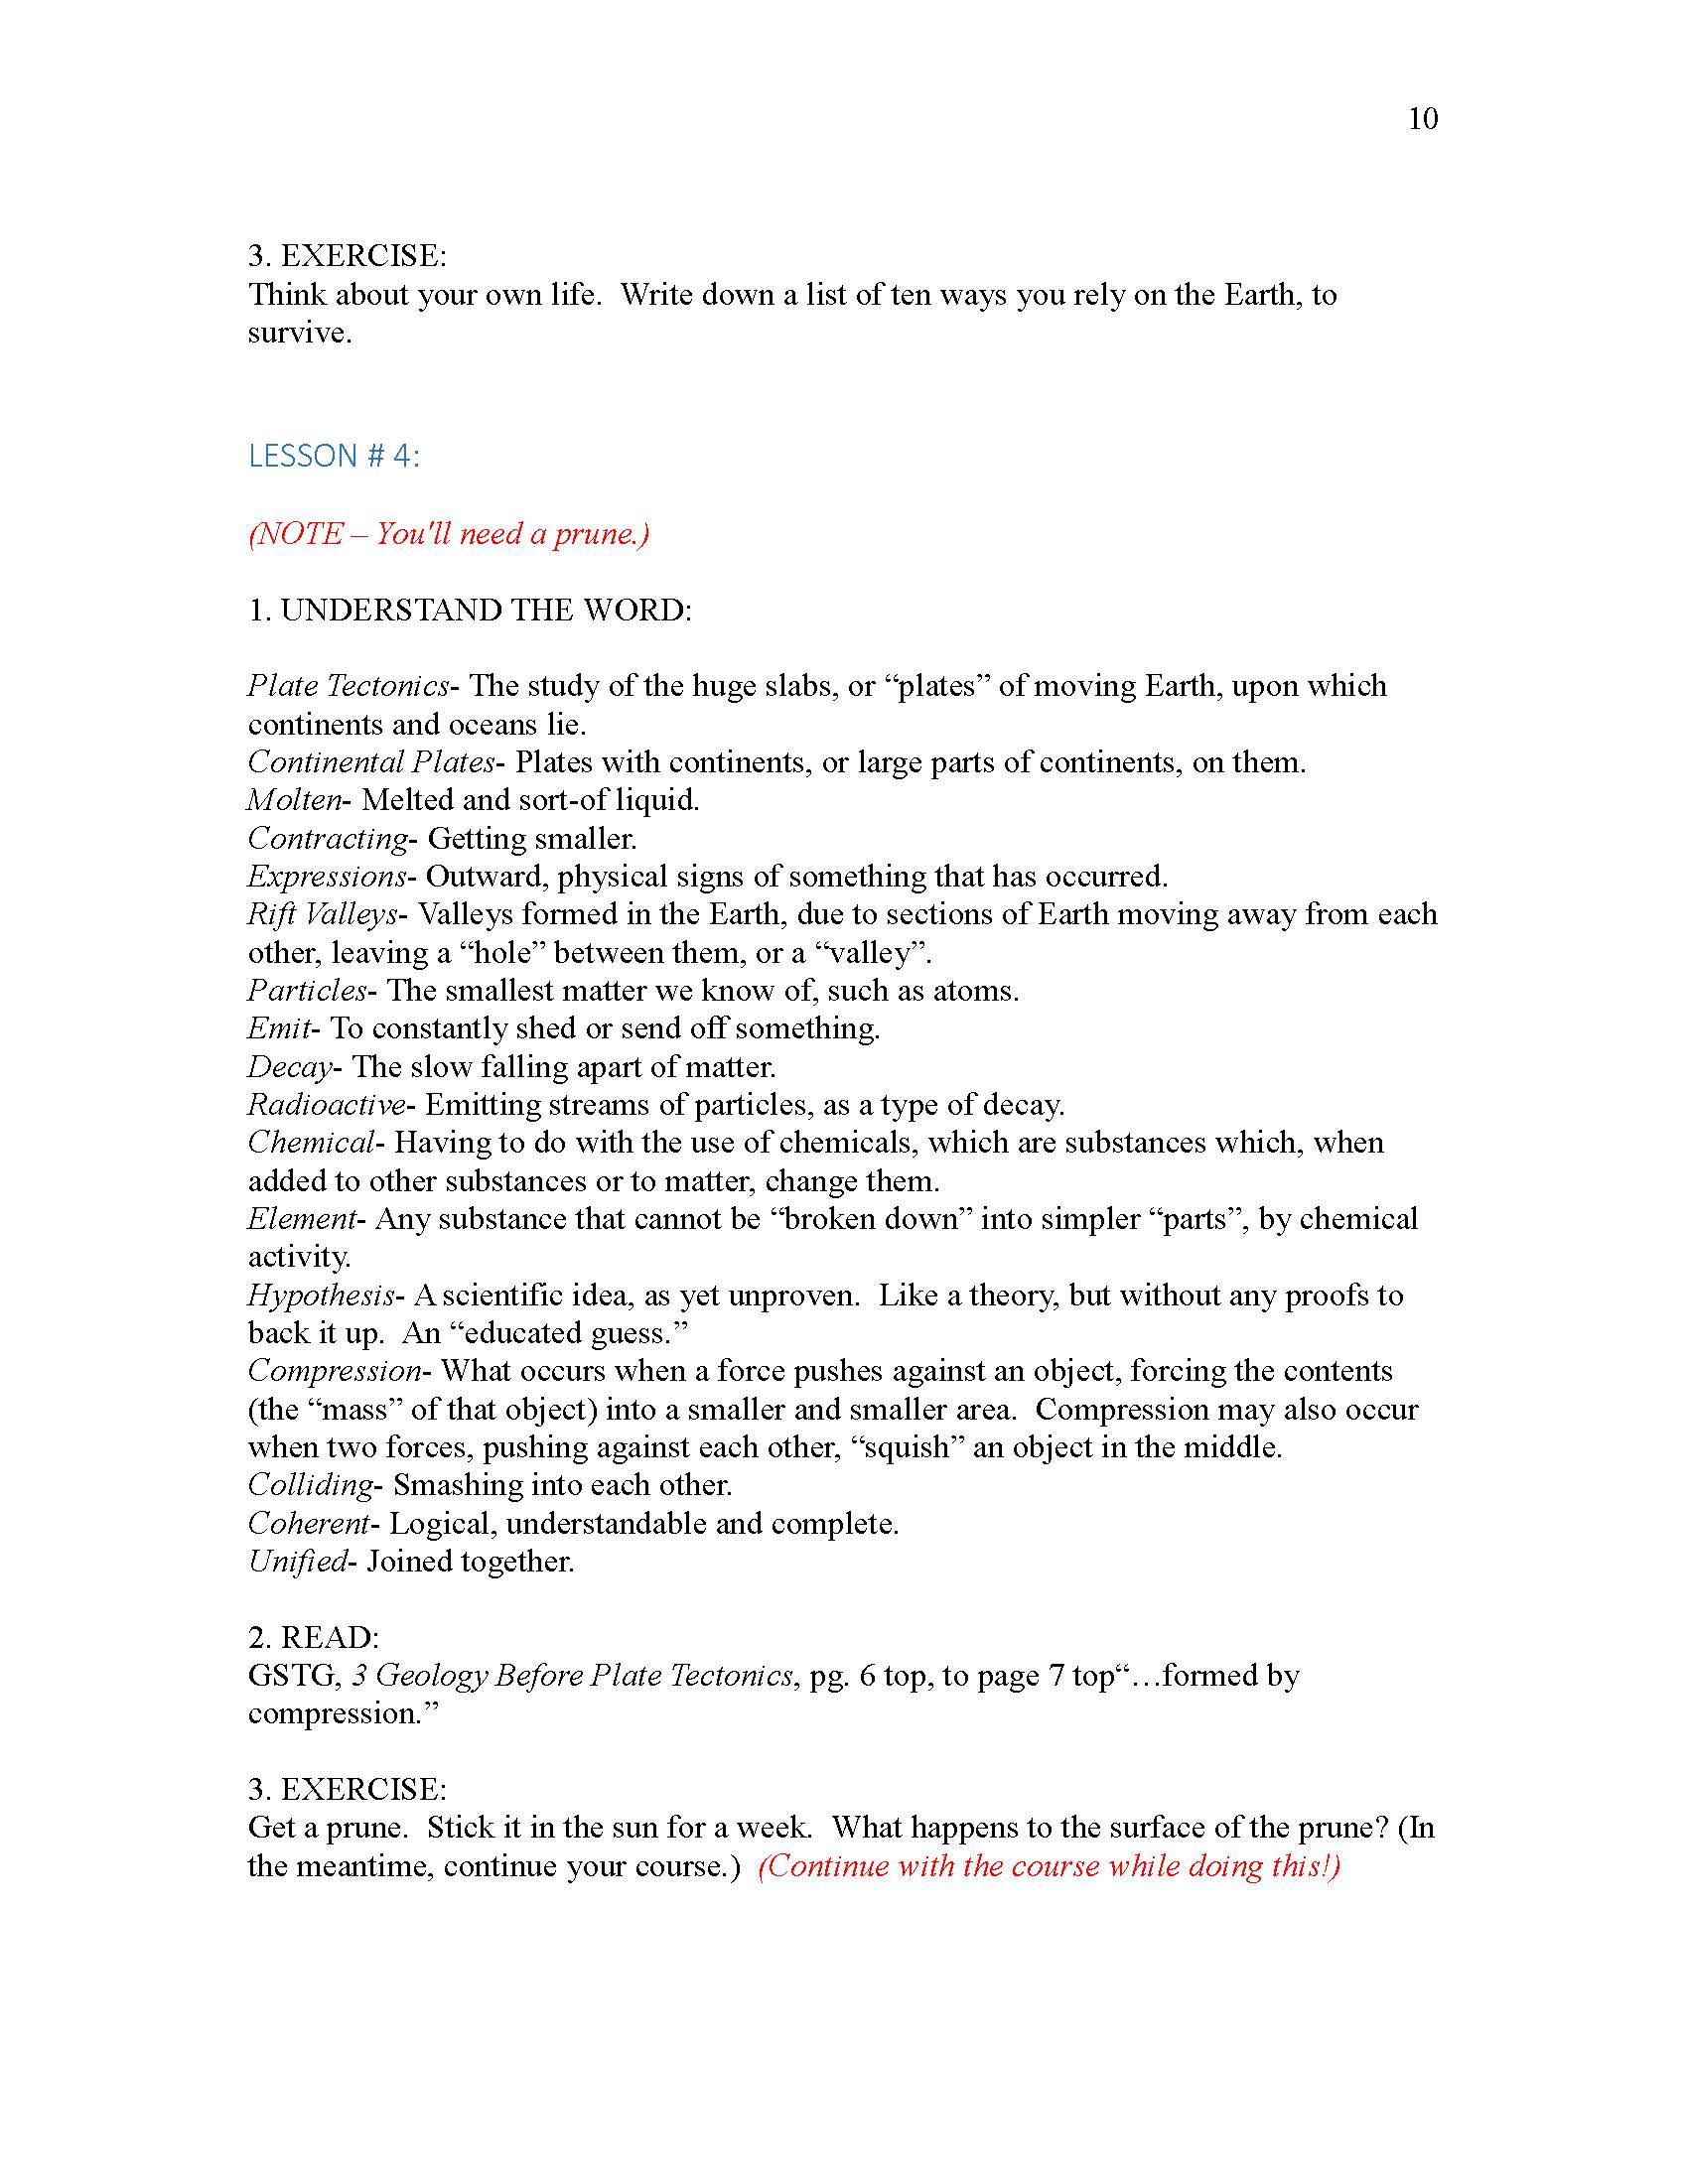 STEP 4 Science 2 Geology_Page_011.jpg